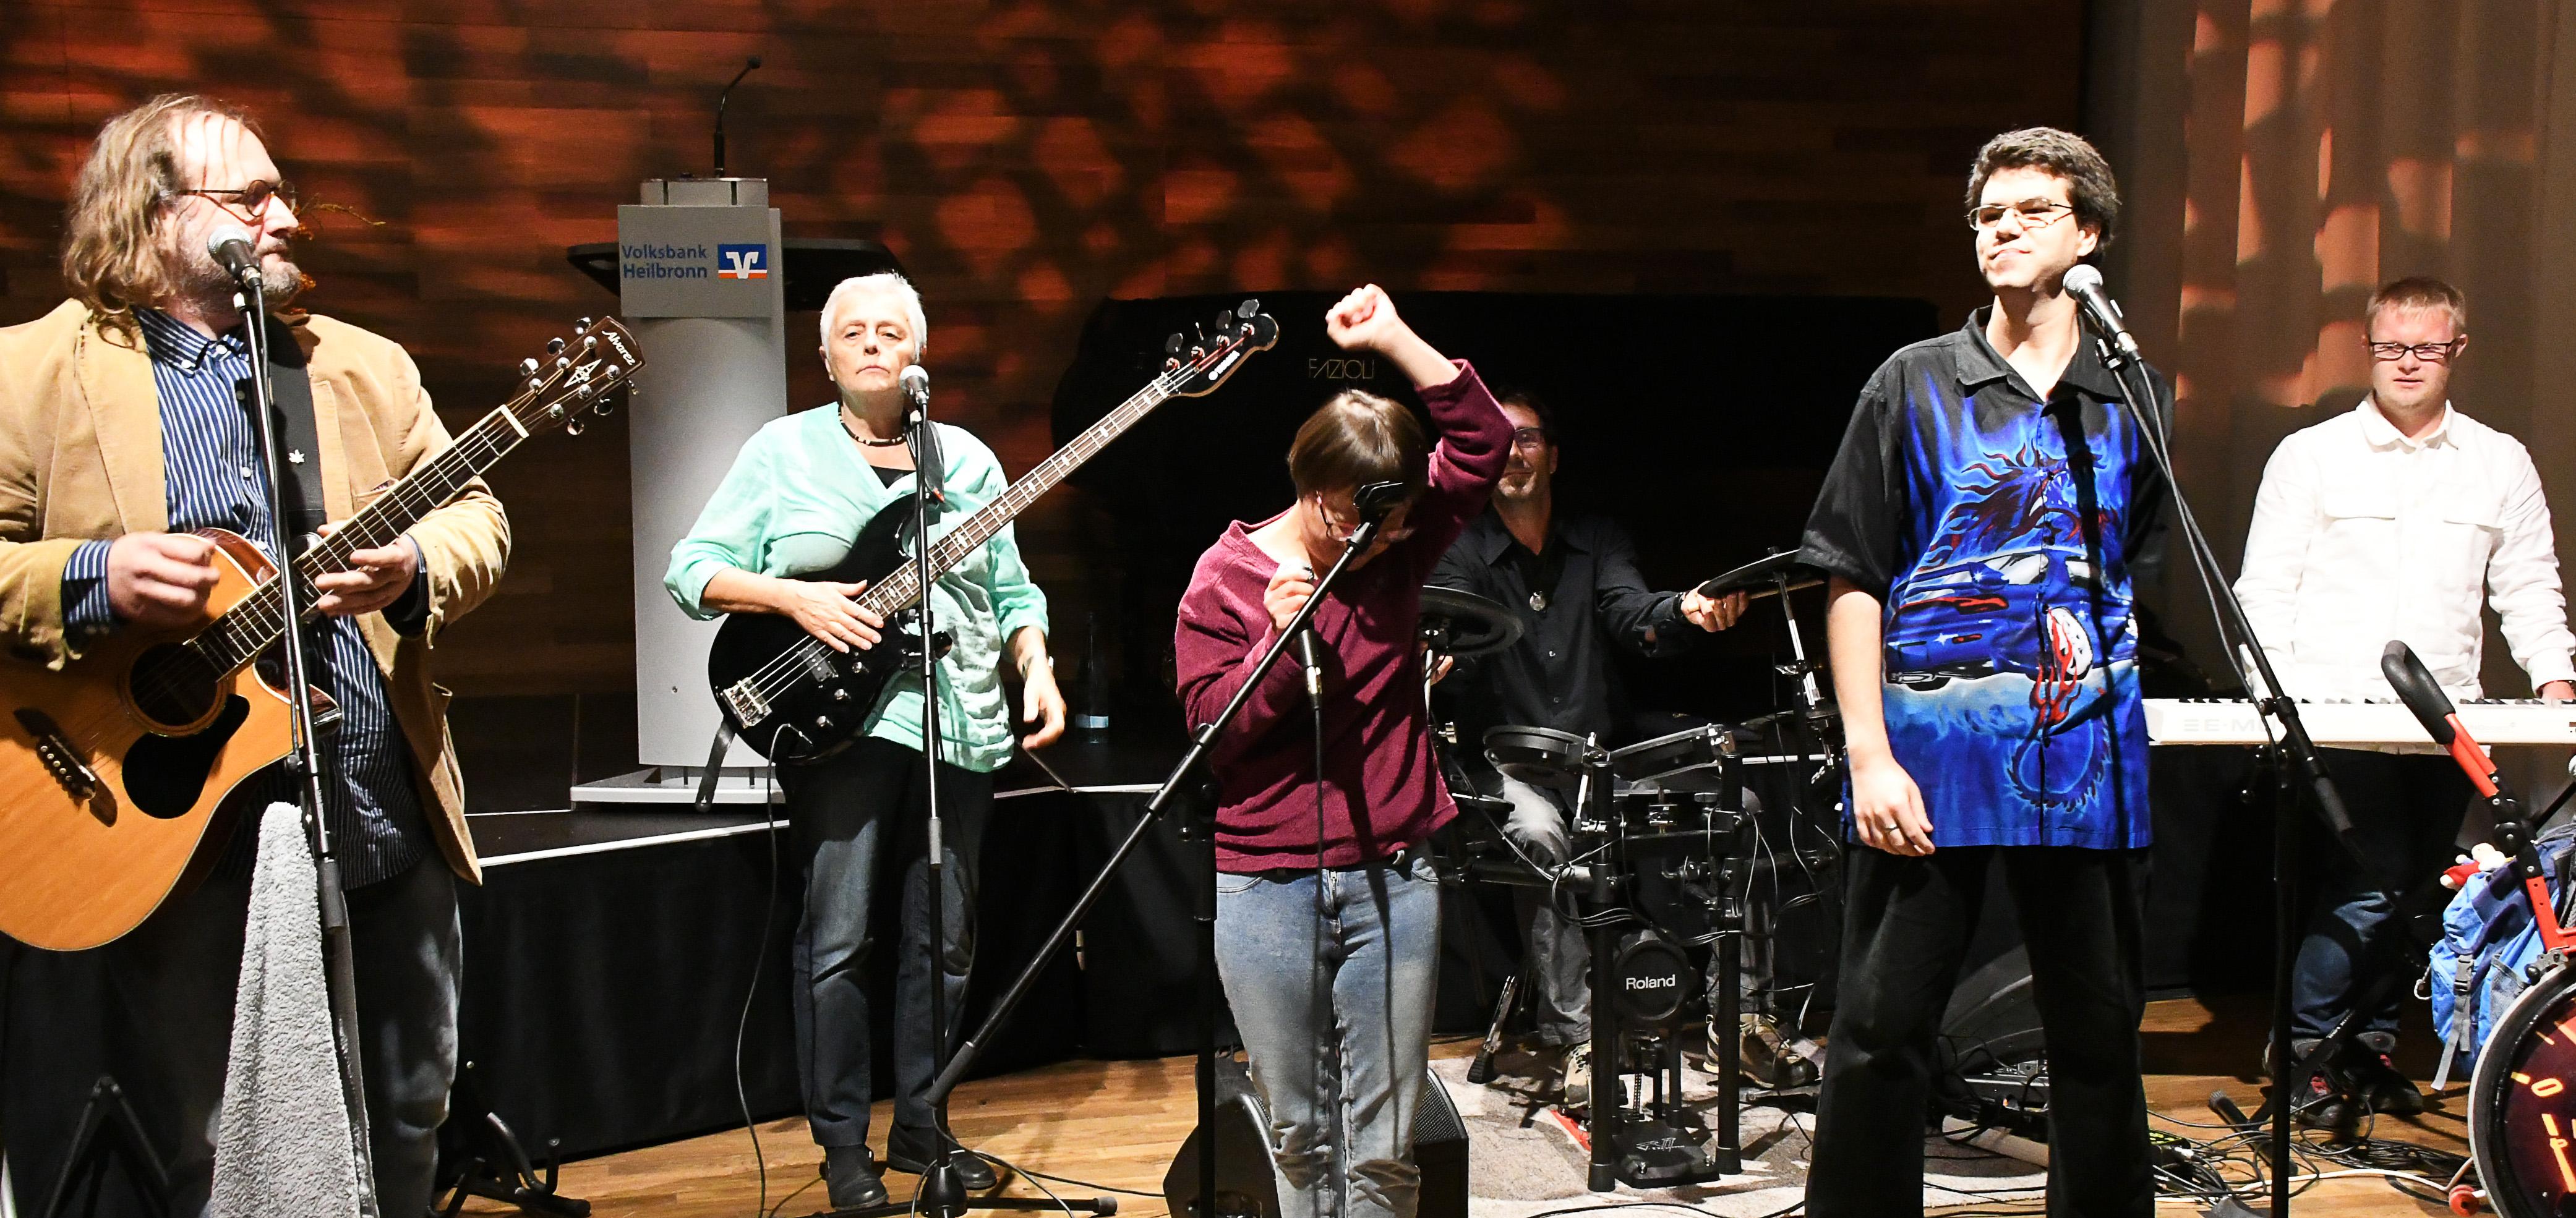 Sechs Musiker auf einer Bühne, von Vorne fotografie, von links nach rechts: Ein Musiker mit Akustikgitarre, eine Musikerin mit E-Bass, eine Sängerin mit erhobener Hand, ein Schlagzeuger im Hintergrund, ein Sänger und ein Keyborder